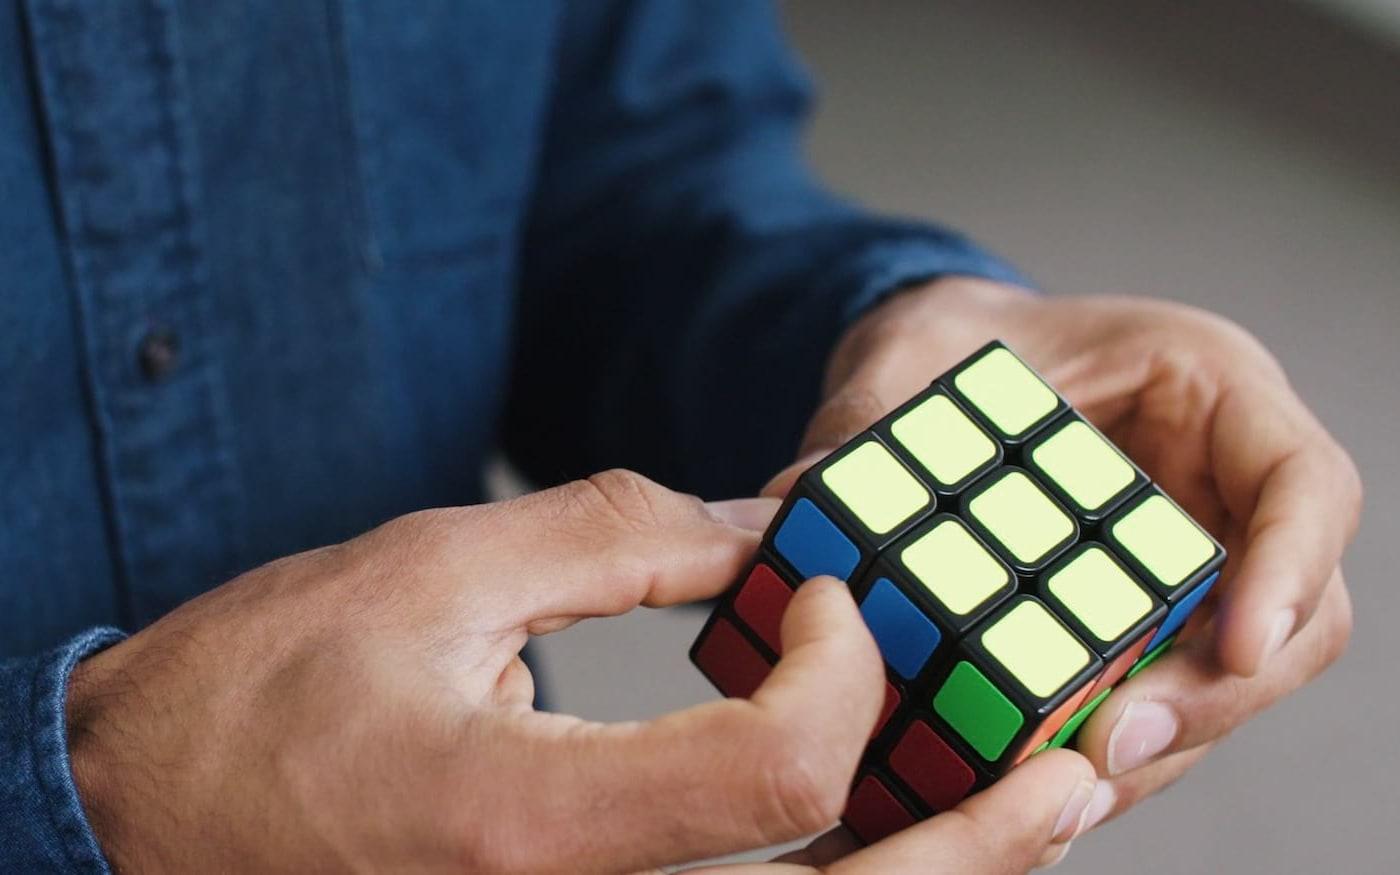 Sistema de IA aprendeu a resolver cubo mágico sozinho e levou apenas 1,2 segundos